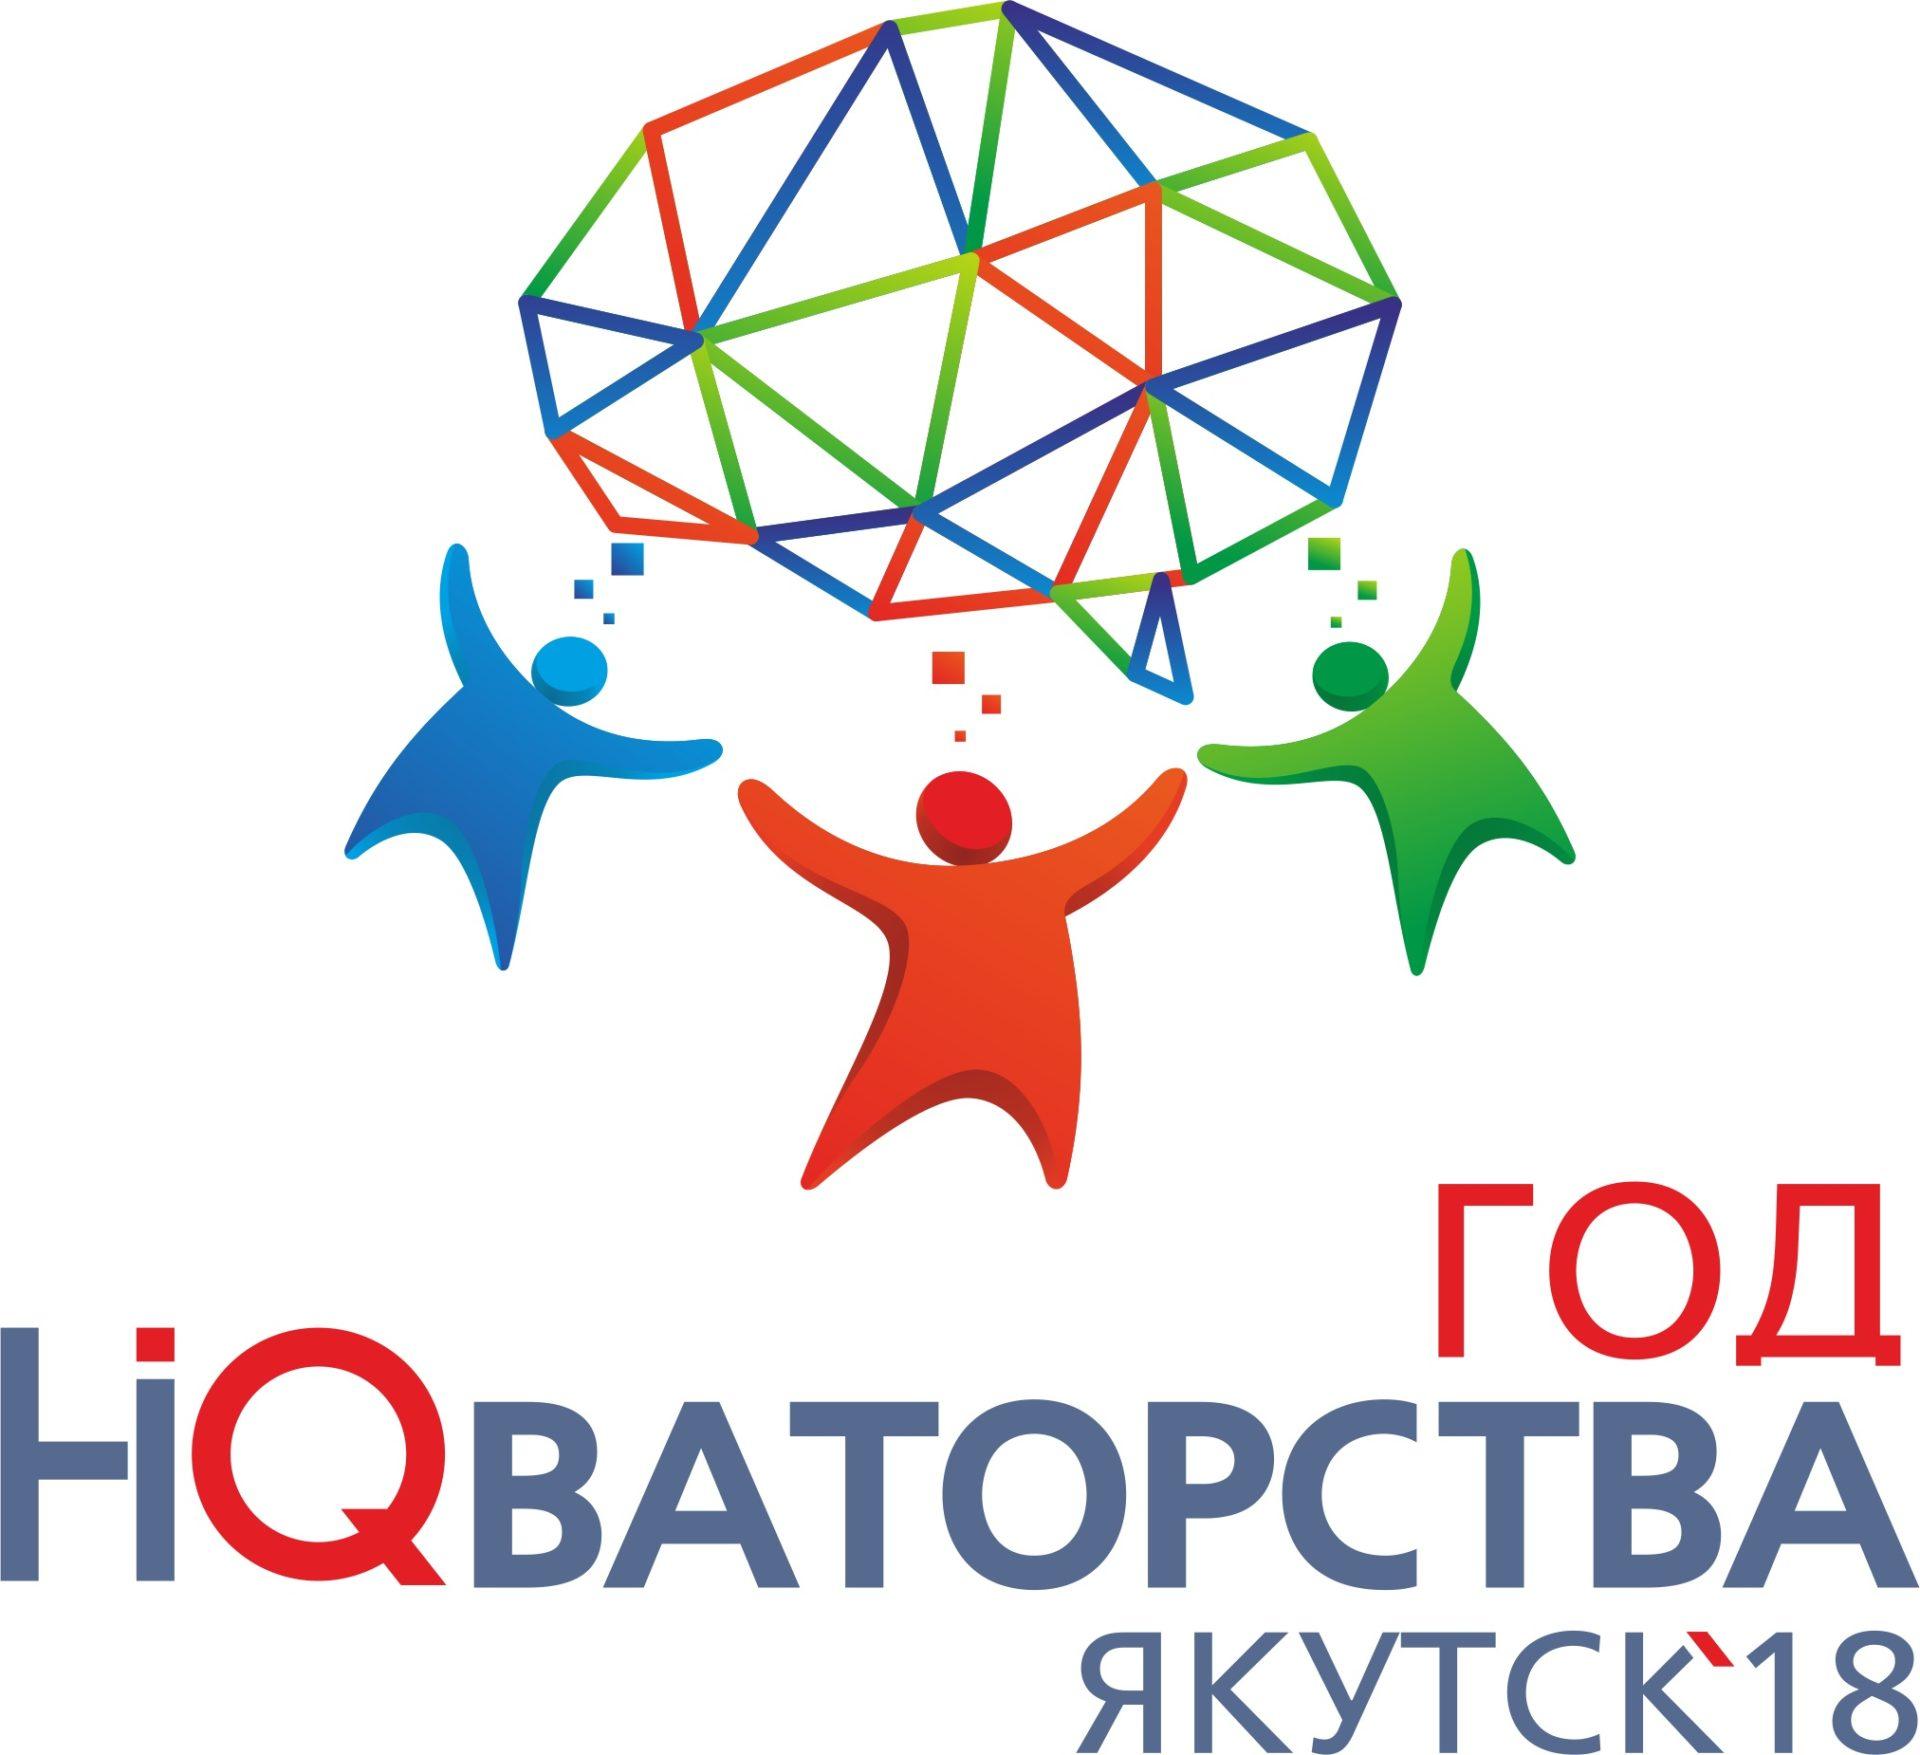 Год новаторства: какие проекты реализуются в Якутске